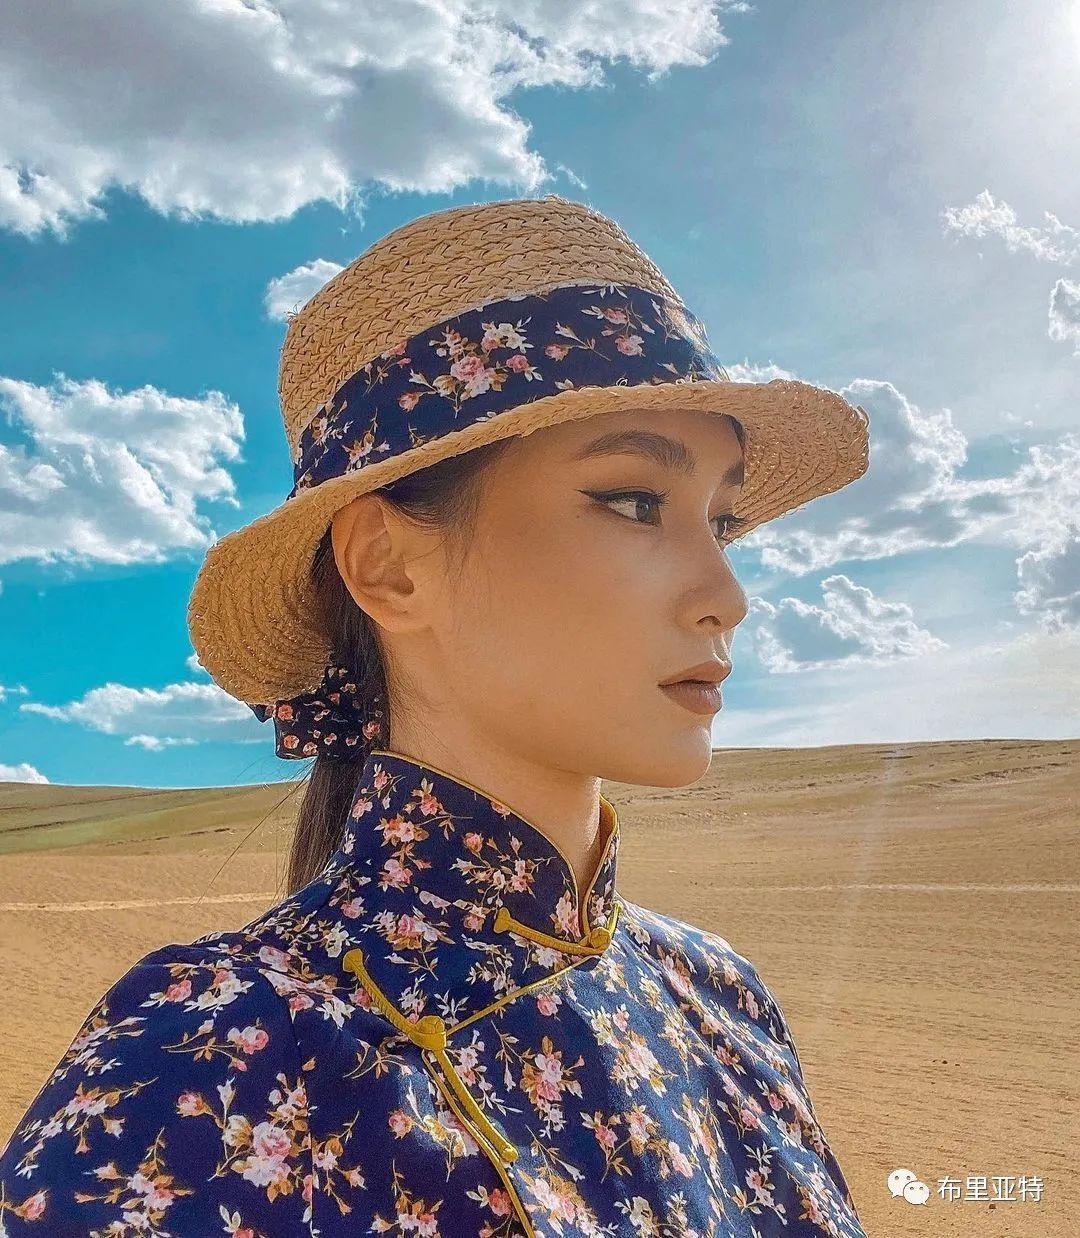 高颜值,好身材,欣赏蒙古跆拳道女神 第2张